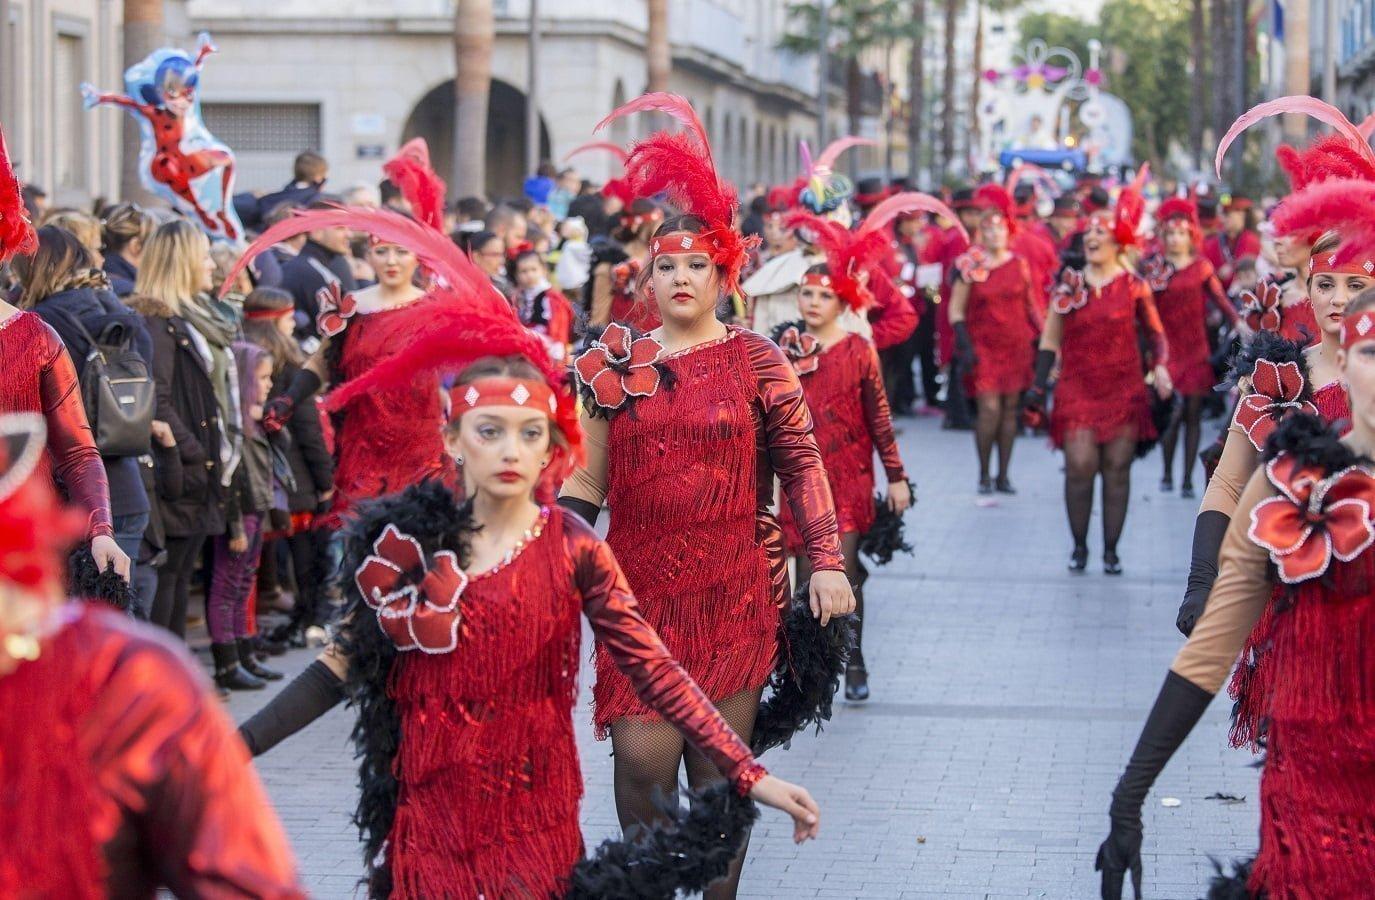 Mucha animación y ambiente en el Carnaval de calle